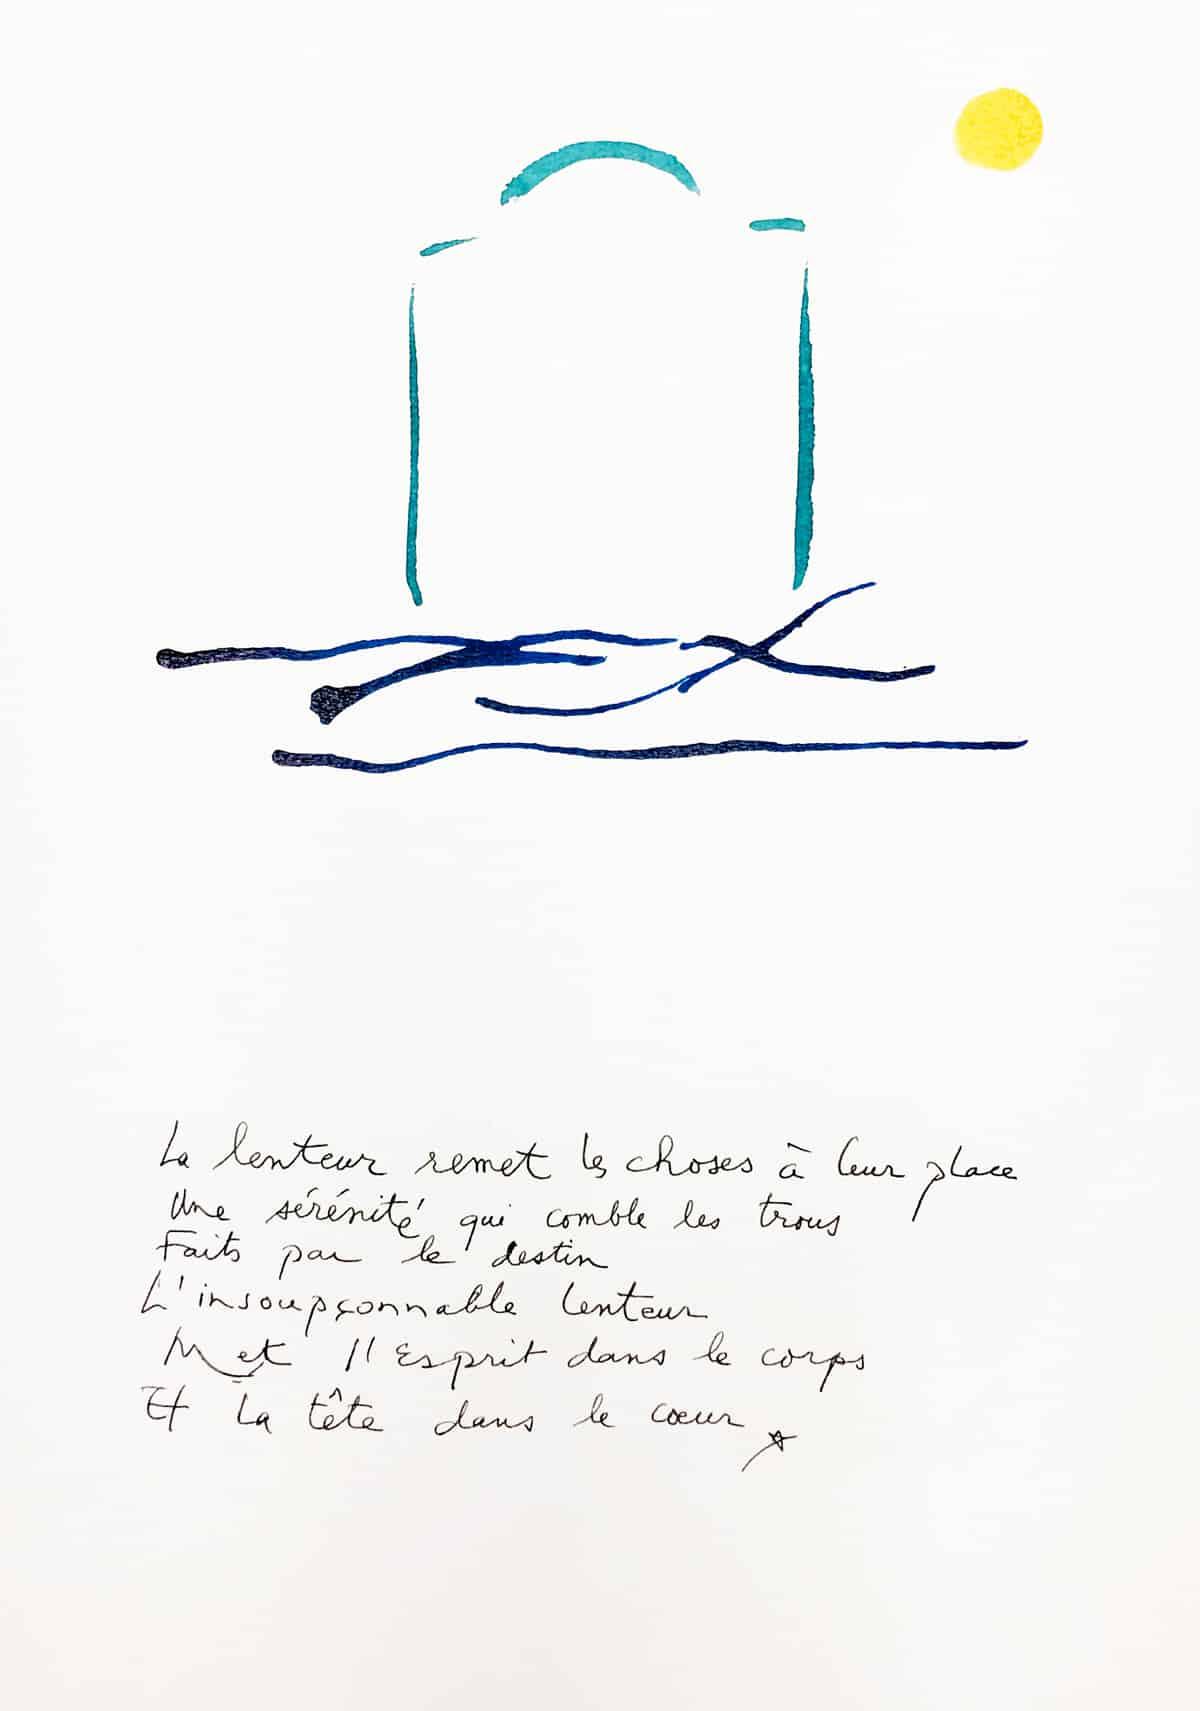 La lenteur remet les choses à leur place, 2019 Dessin à l'encre, 35,5 x 50 cm ©Tahar Ben Jelloun